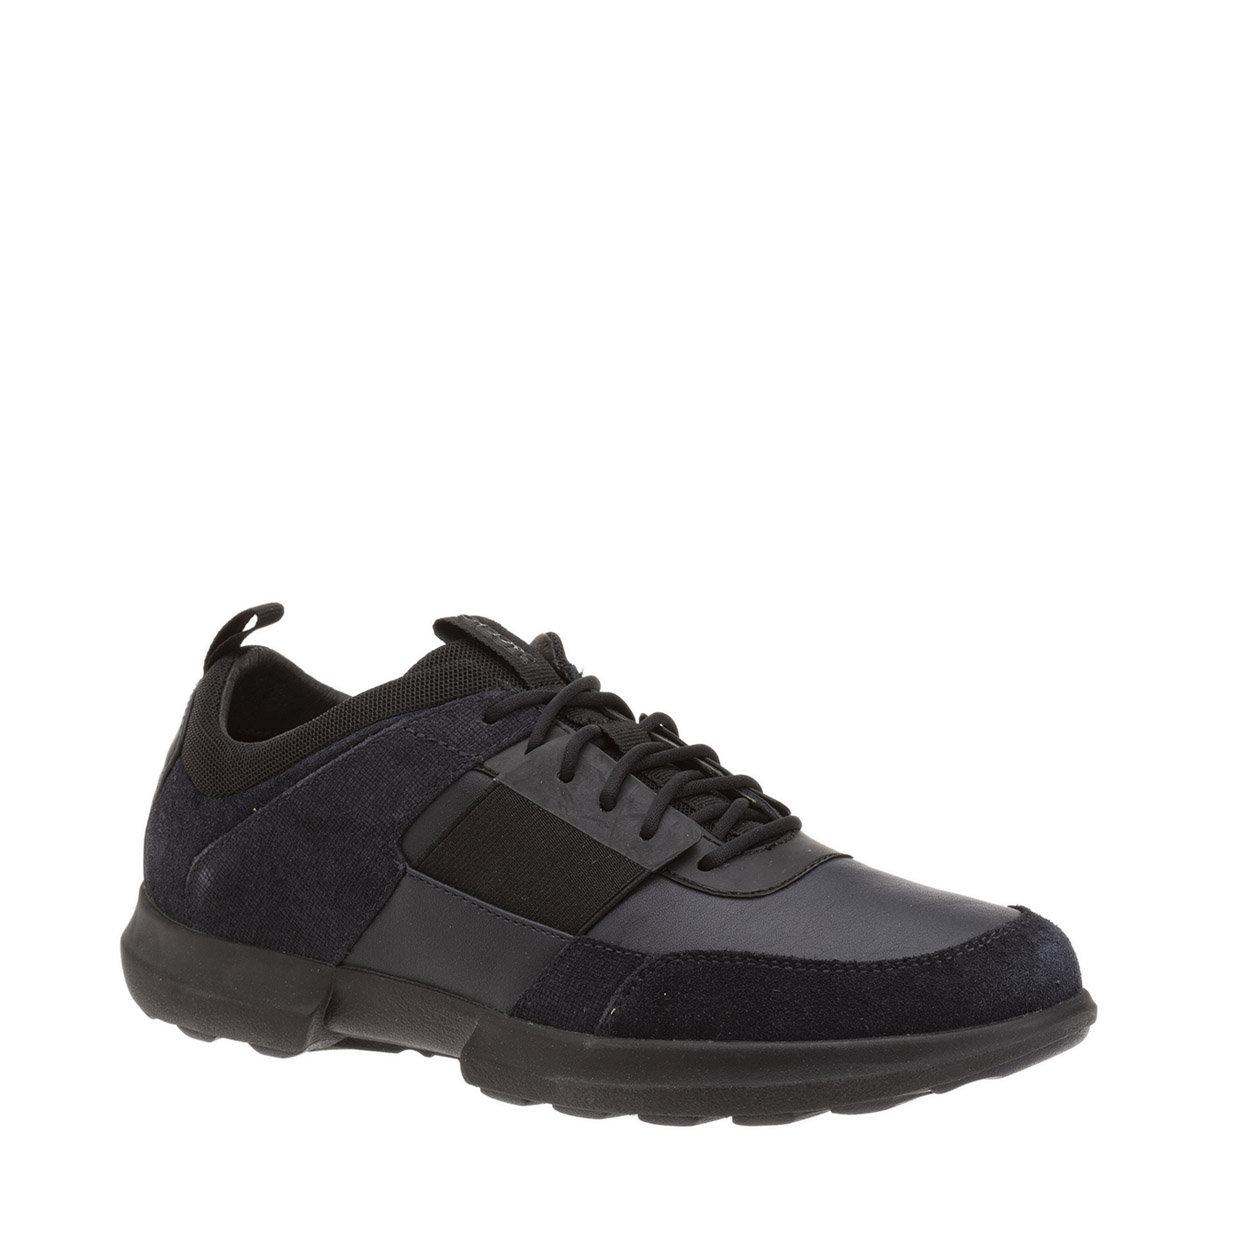 Sneakers Traccia B in suede e pelle multicolor GEOX SCARPE Acquista su Ventis.